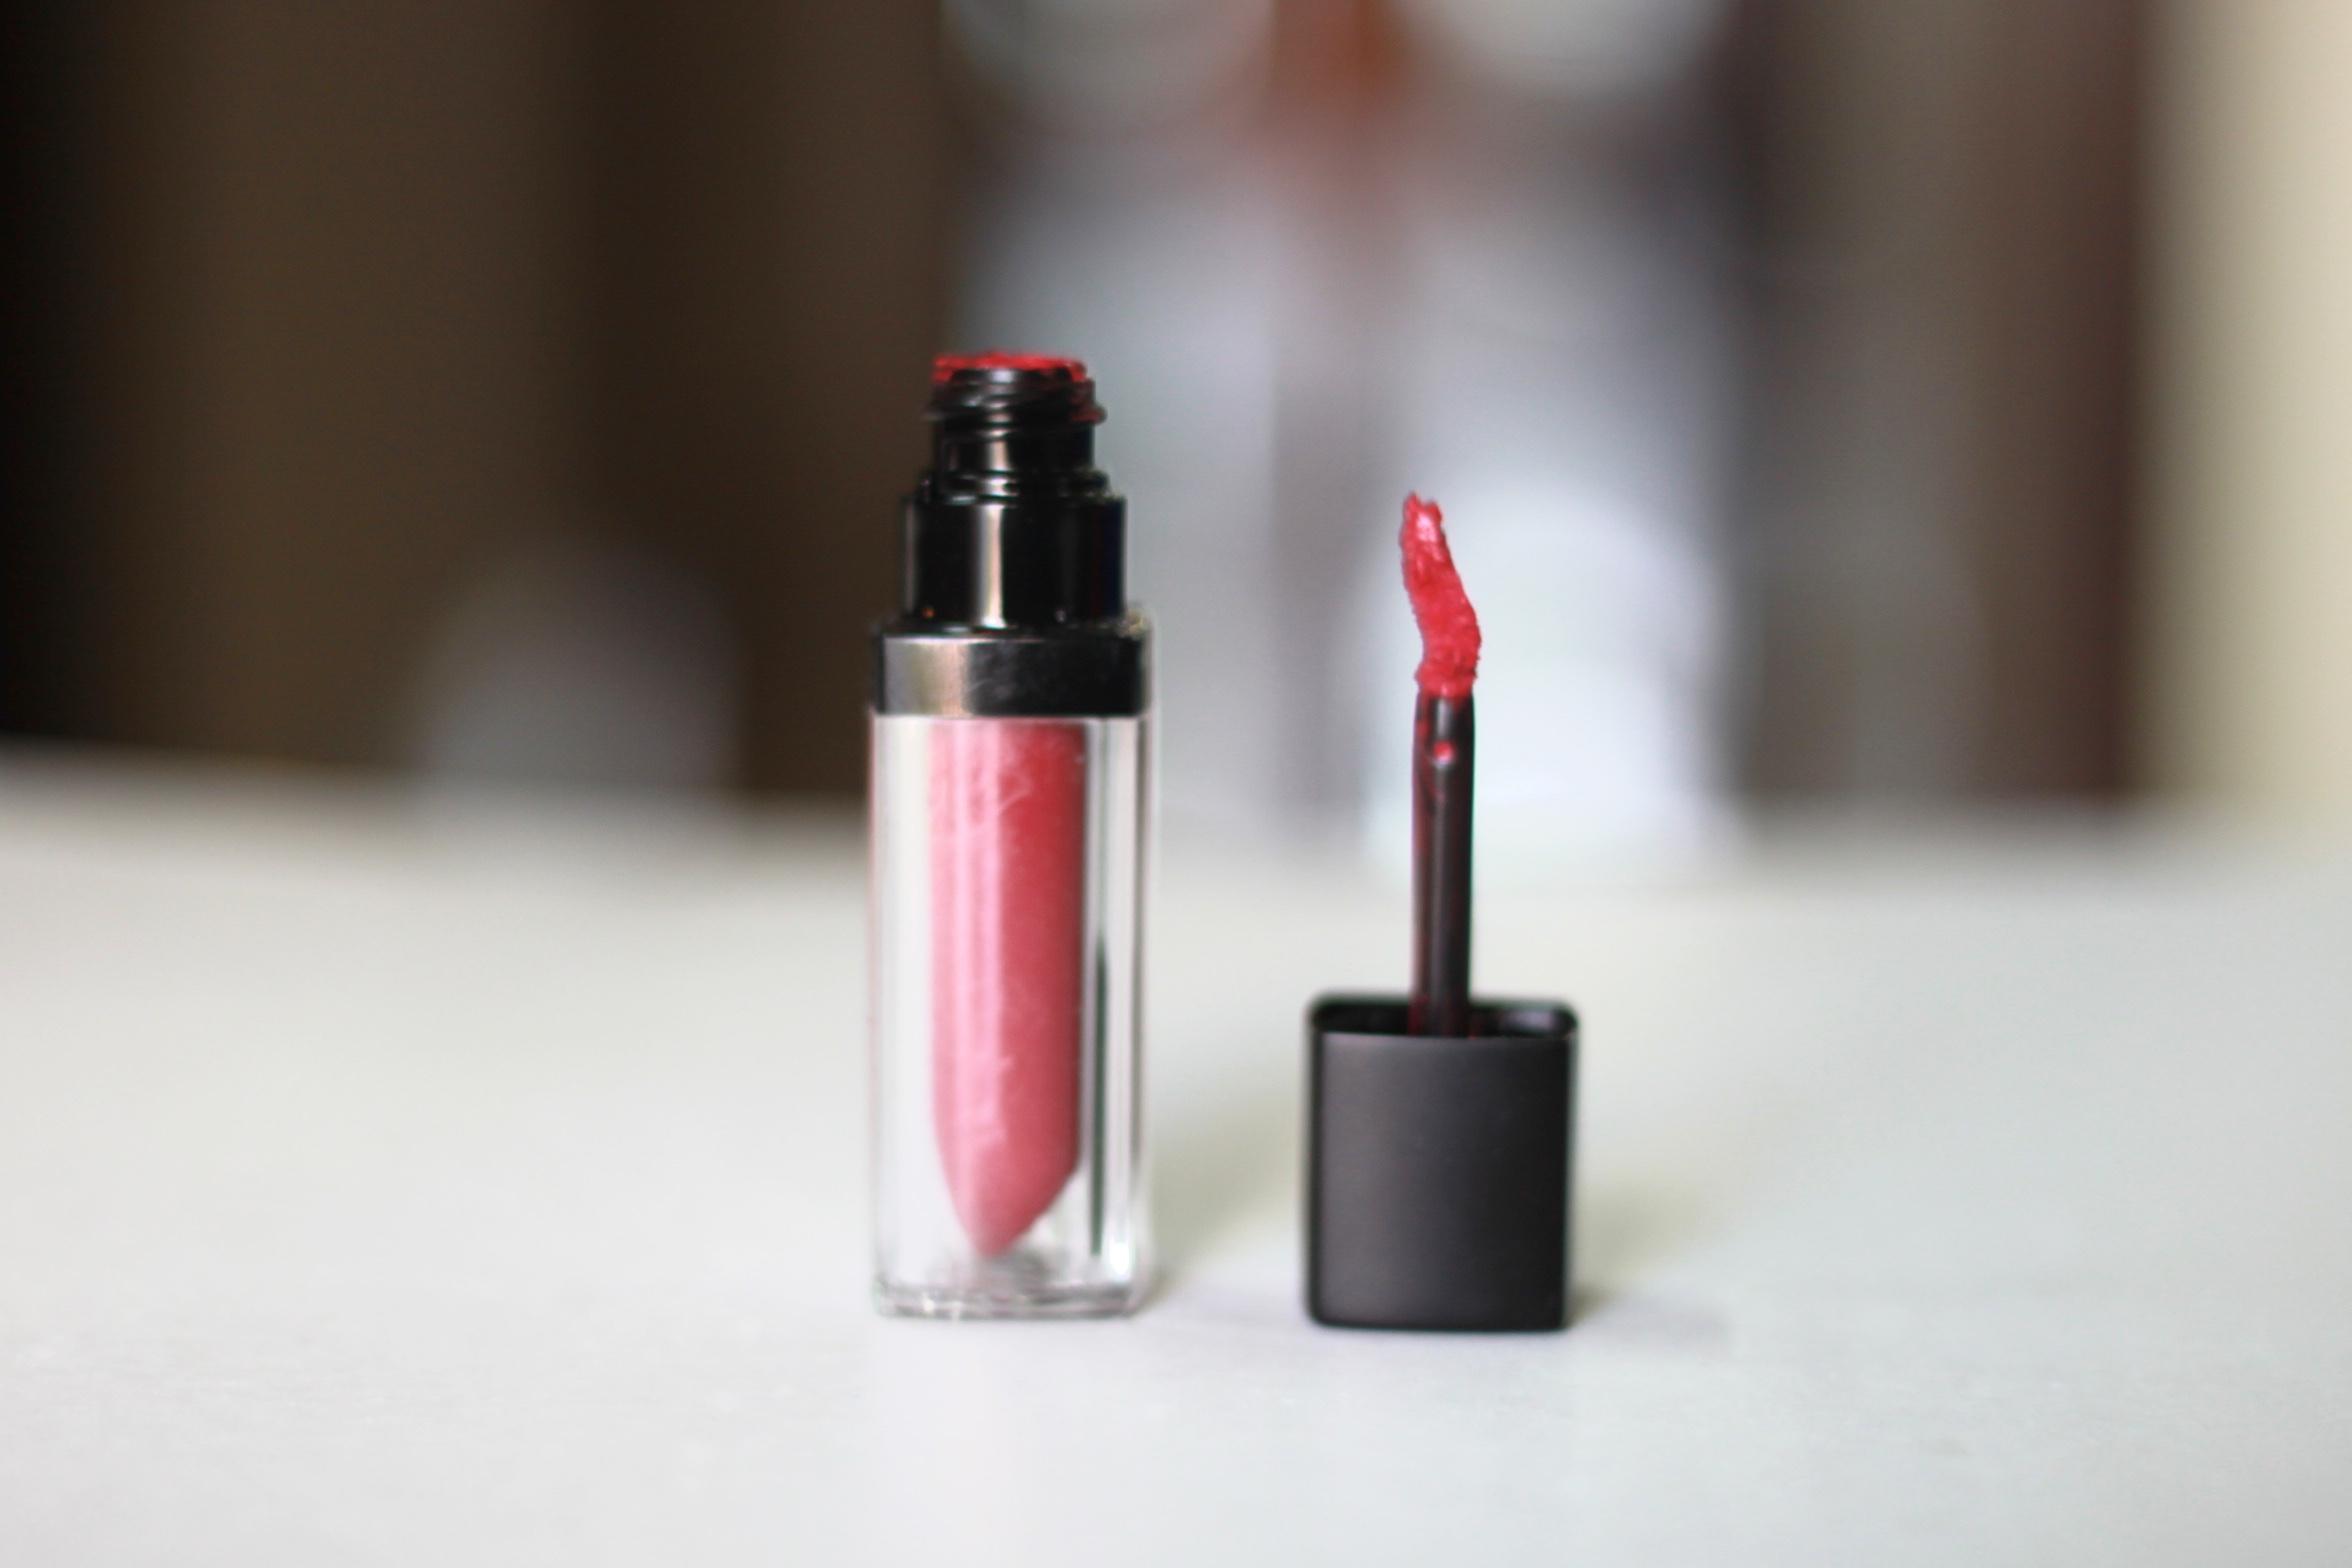 top 5 winter lipsticks, winter lipsticks, MAC ruby woo, maybelline velvet mat, fleur de force, mac soar, kat von d, matte 6